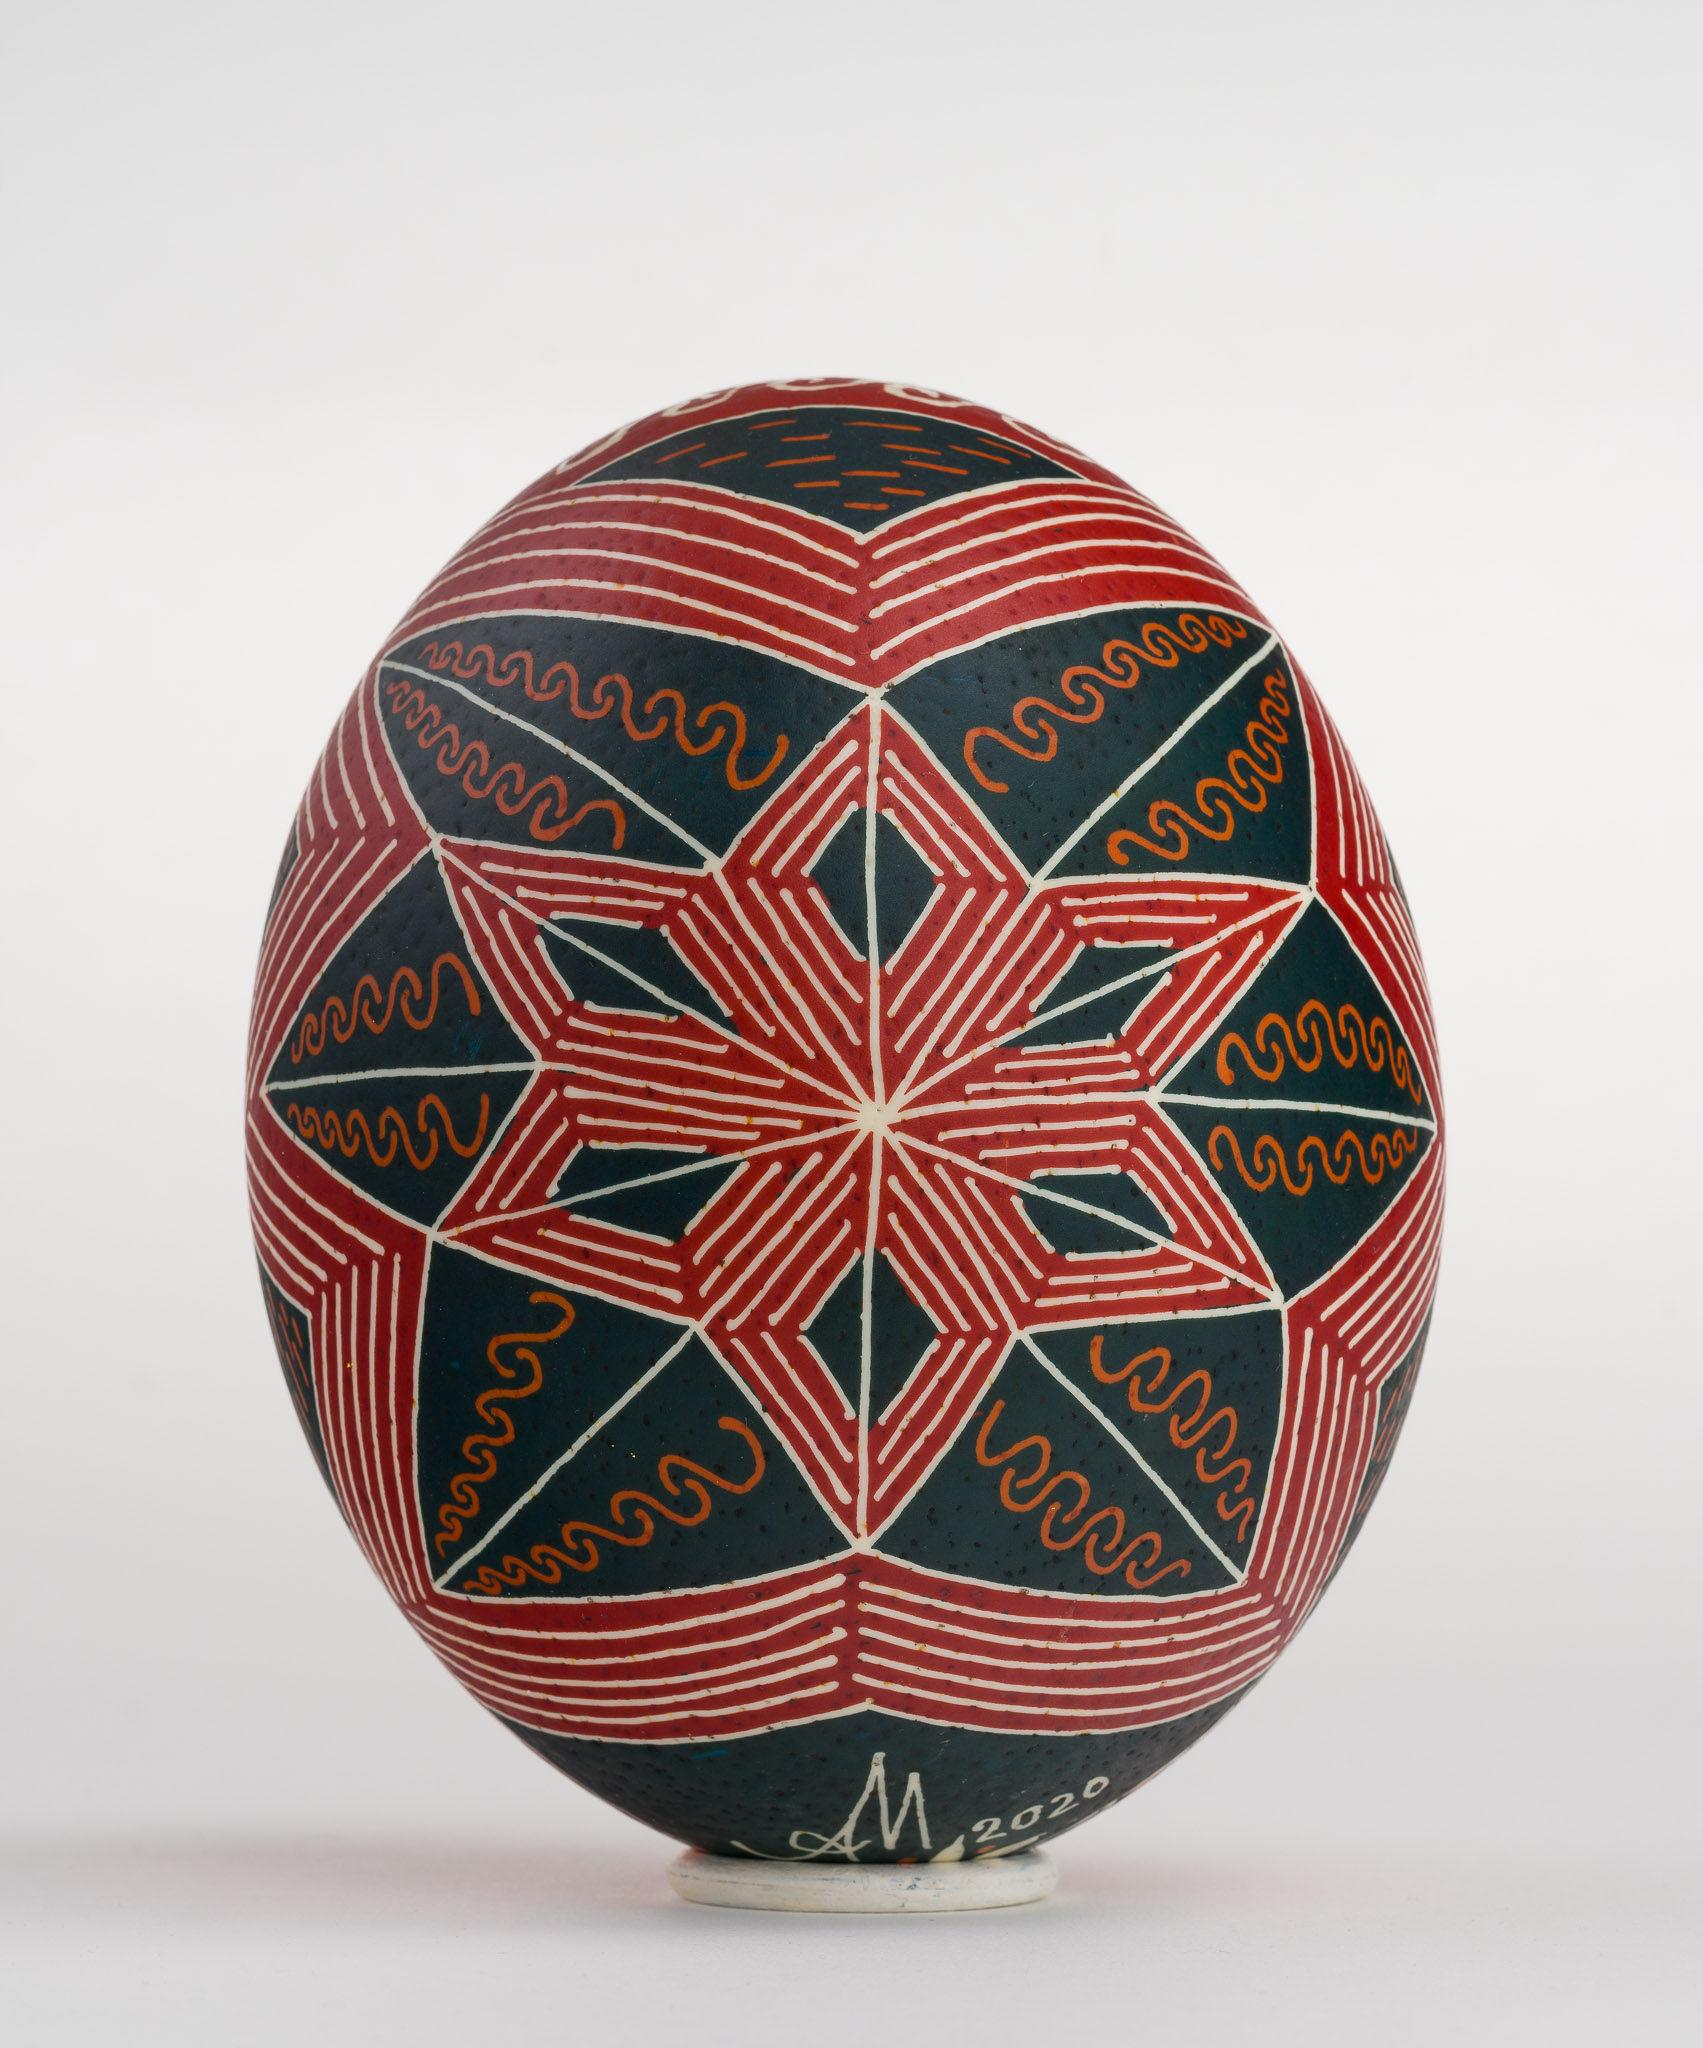 Icoană încondeiată pe ou de struț - Sfânta Treime nou-testamentară - maryando-104b.jpg